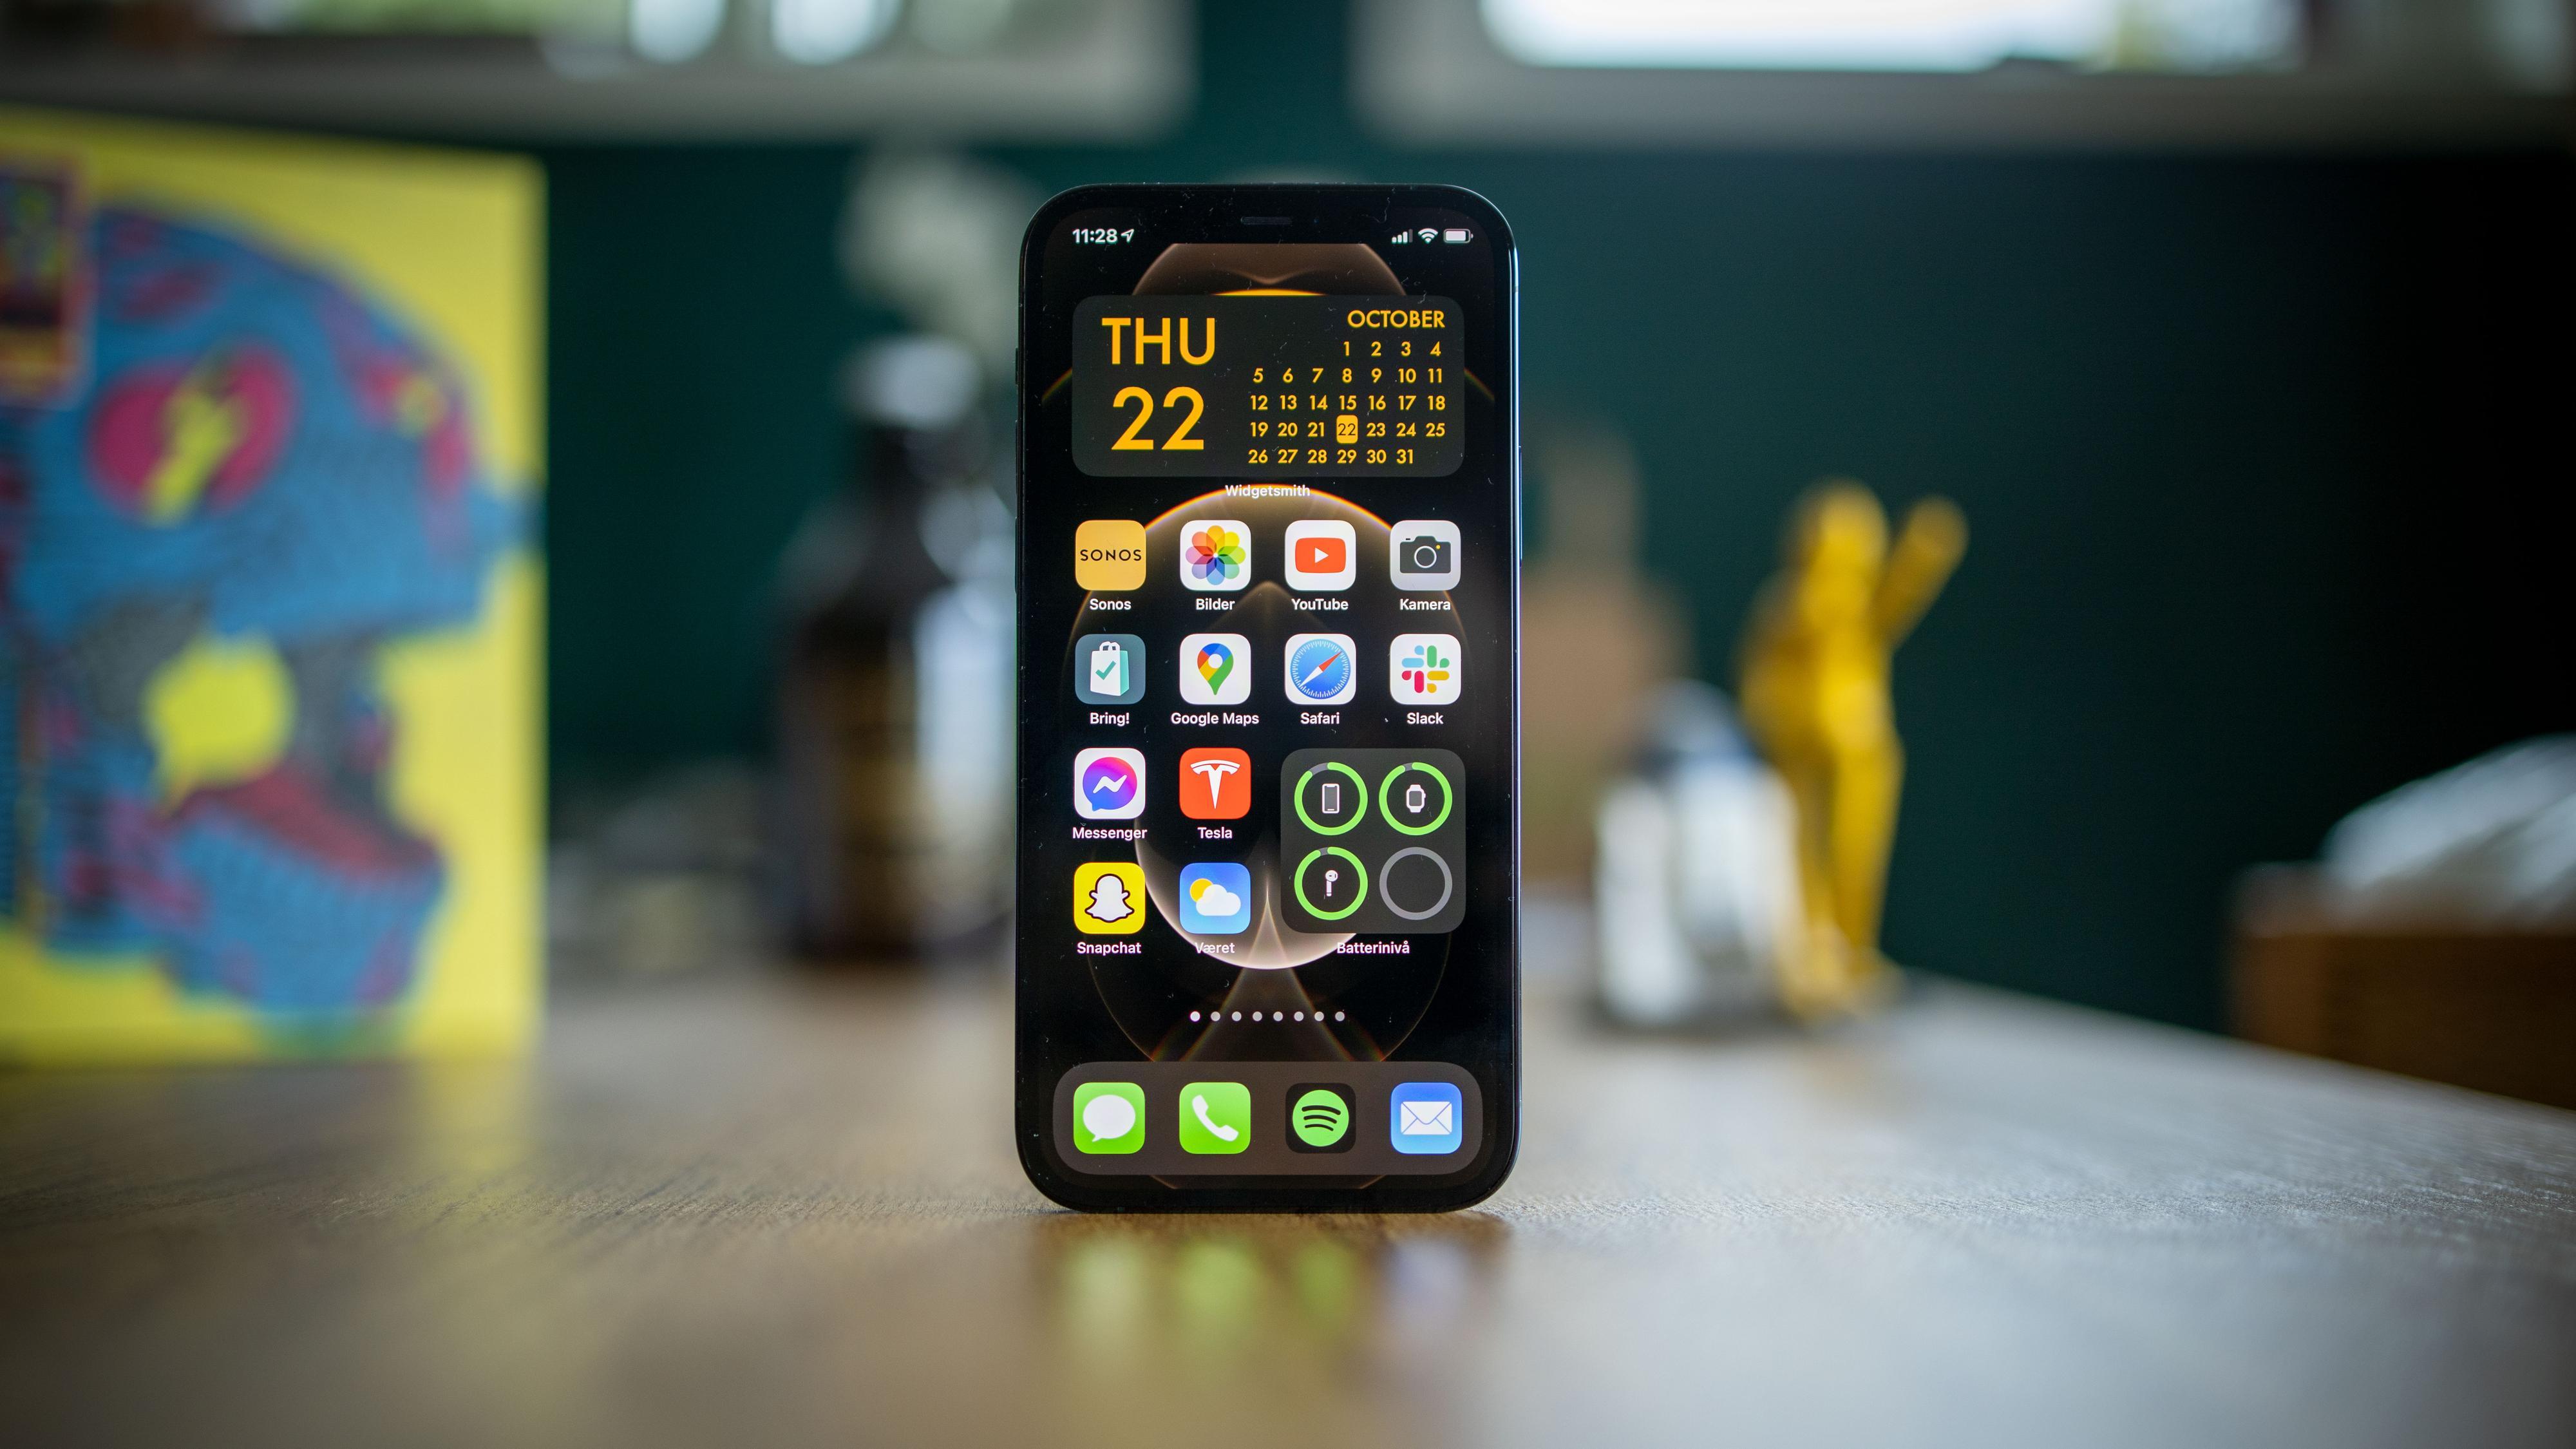 Endelig er kanten på iPhone flat igjen, så det blir lettere for oss å balansere den på bordet når vi skal ta bilder!